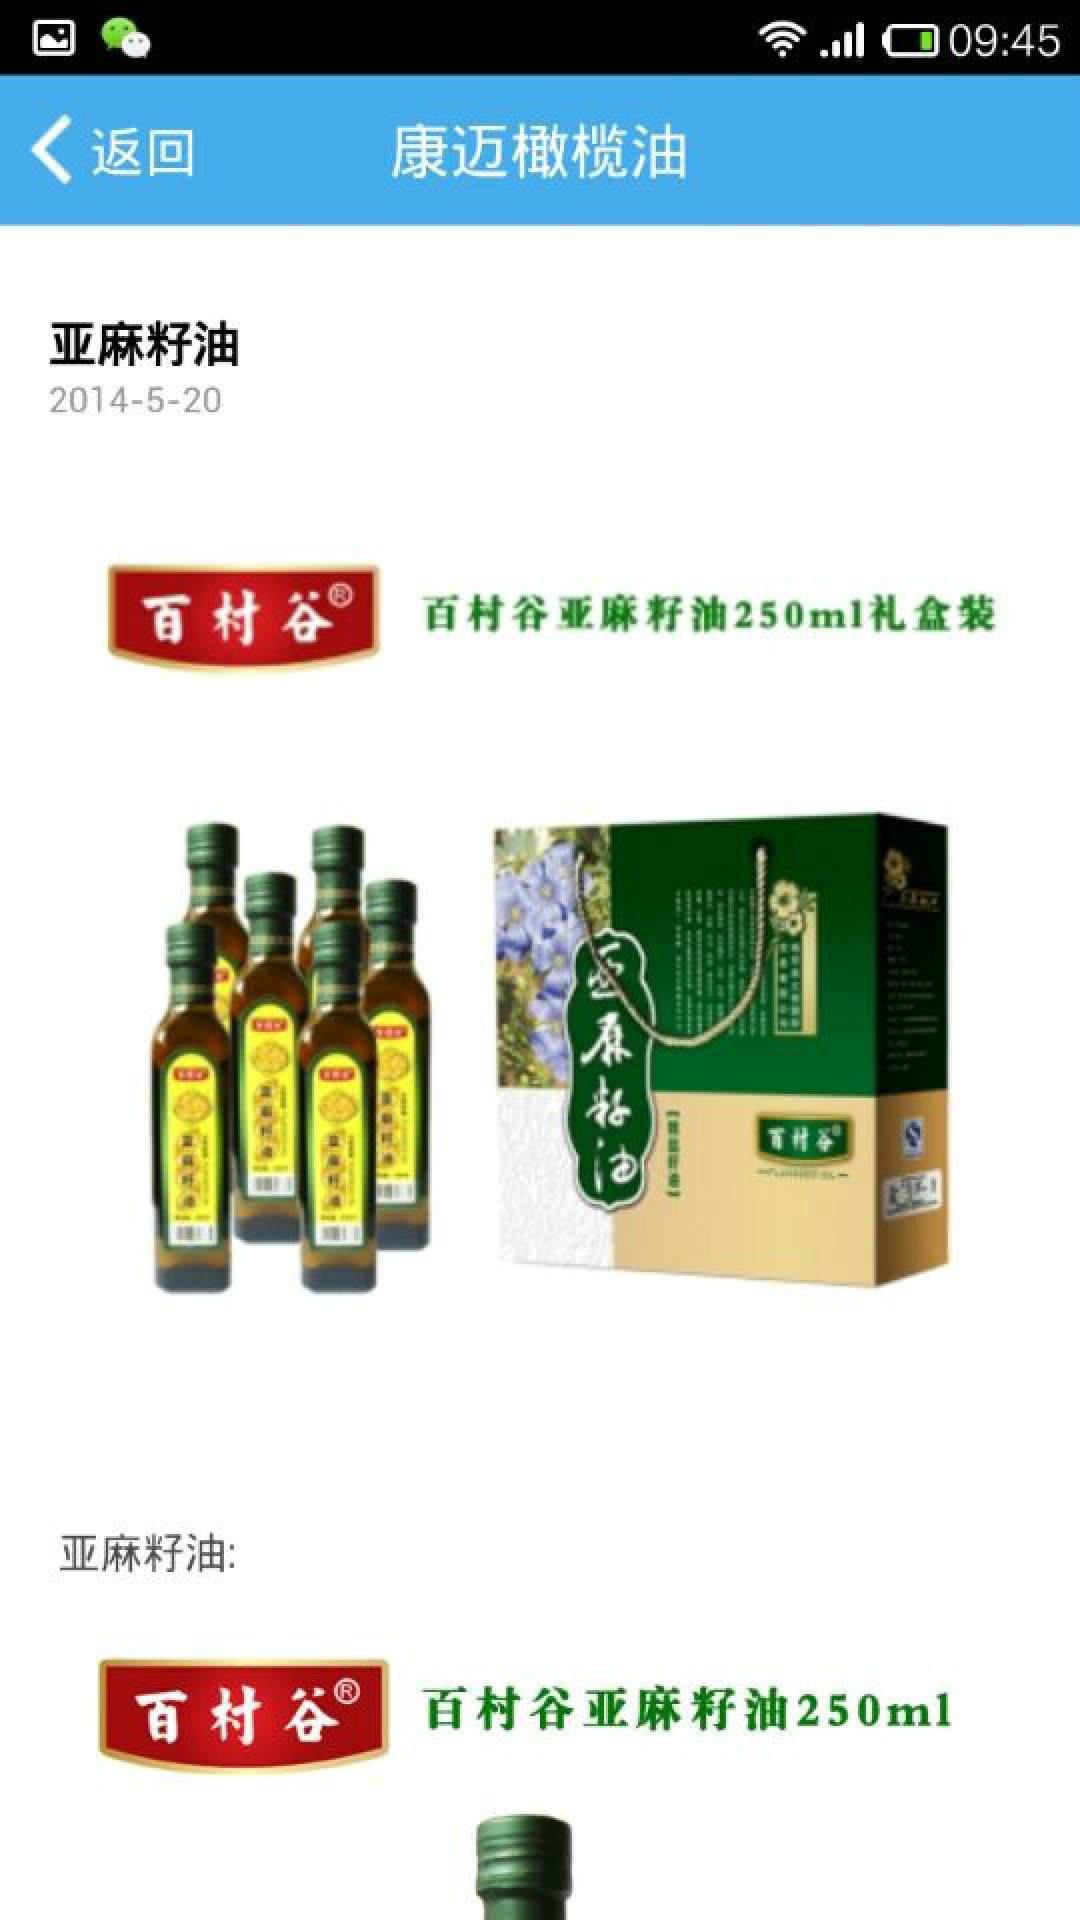 康迈橄榄油截图(3)